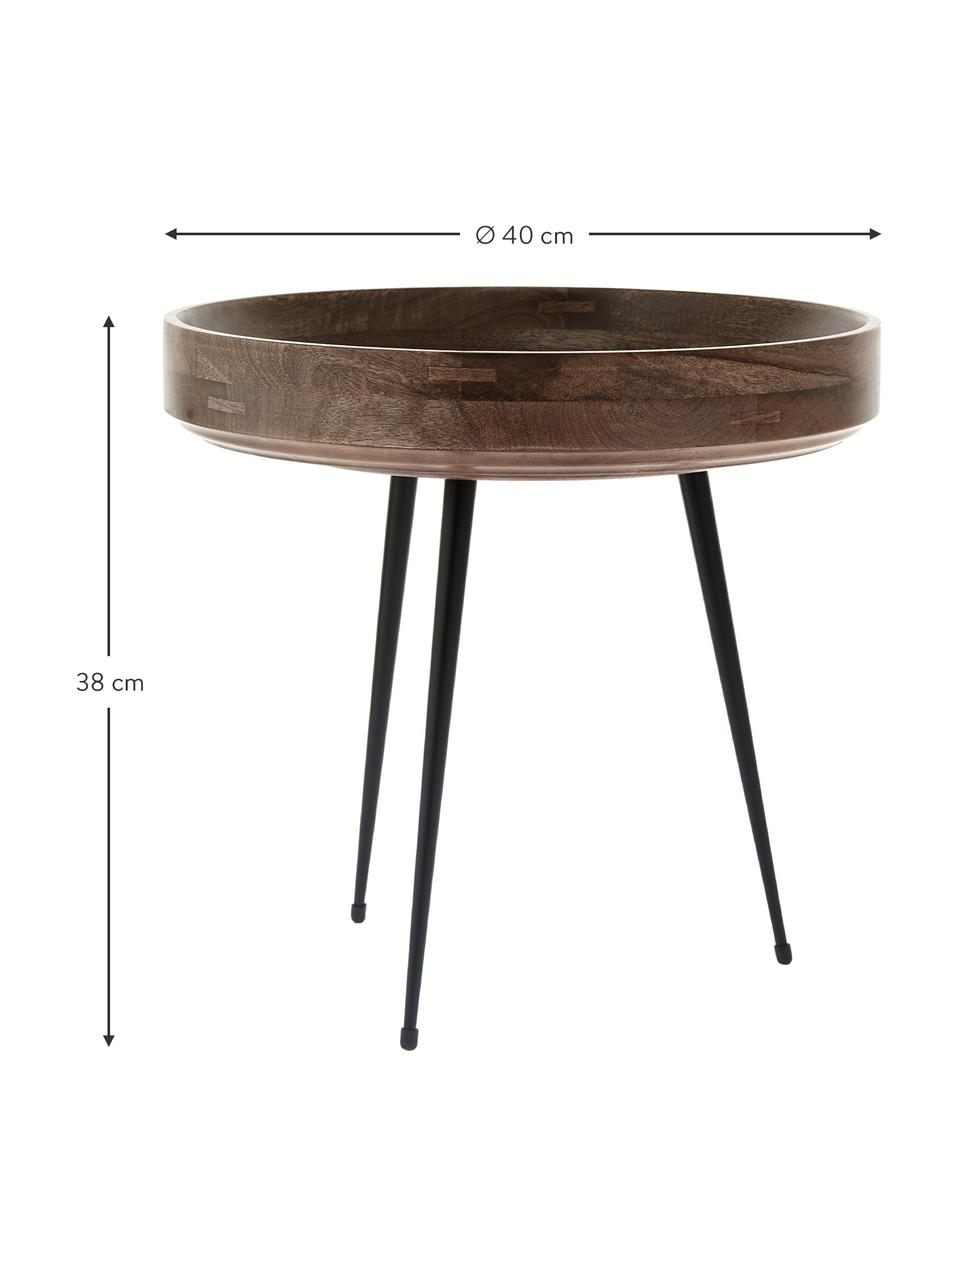 Kleiner Design-Beistelltisch Bowl Table aus Mangoholz, Tischplatte: Mangoholz, gebeizt und la, Beine: Stahl, pulverbeschichtet, Braun, Schwarz, Ø 40 x H 38 cm